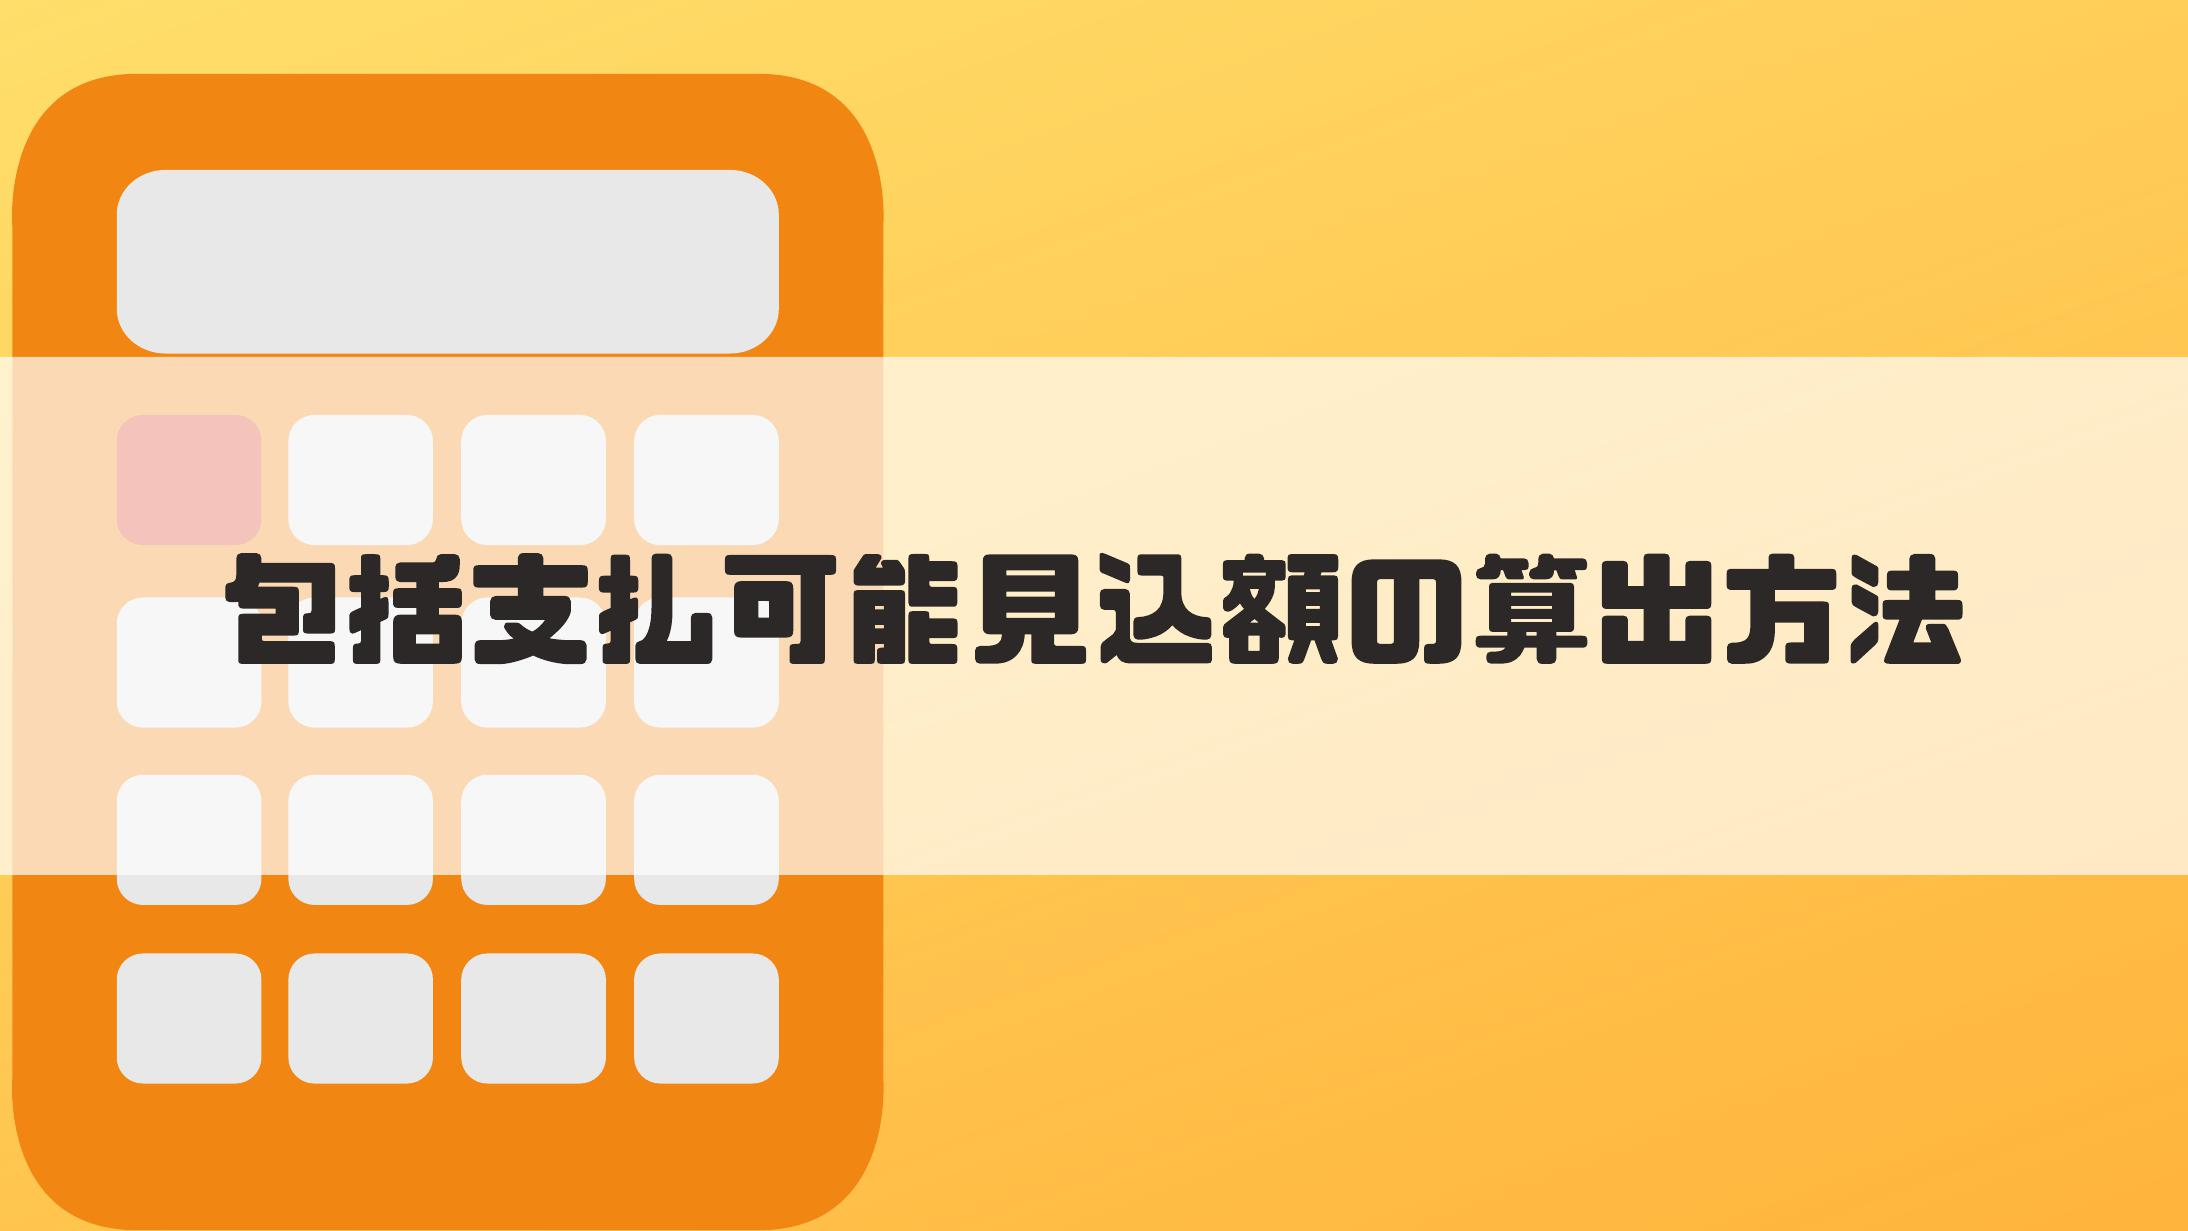 クレジットカード_包括支払可能見込額